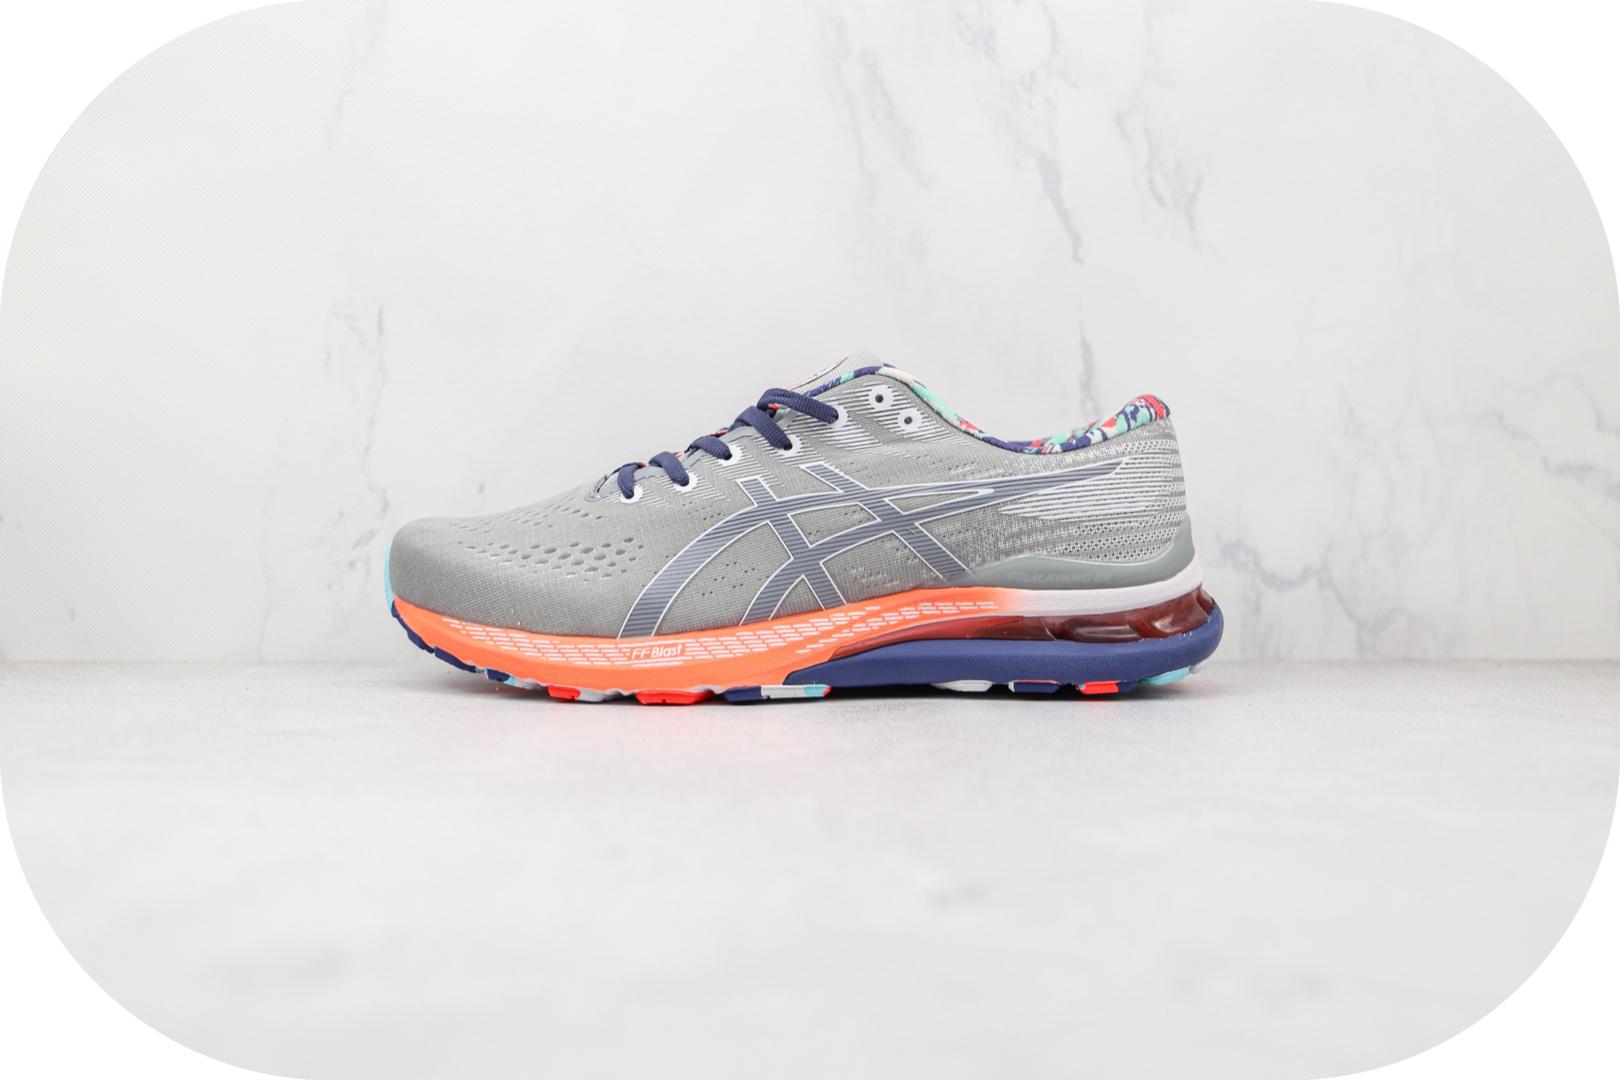 亚瑟士ASICS GEL-KAYANO 28纯原版本彩灰色缓震运动跑鞋原鞋开模一比一打造 货号:1011B310-960